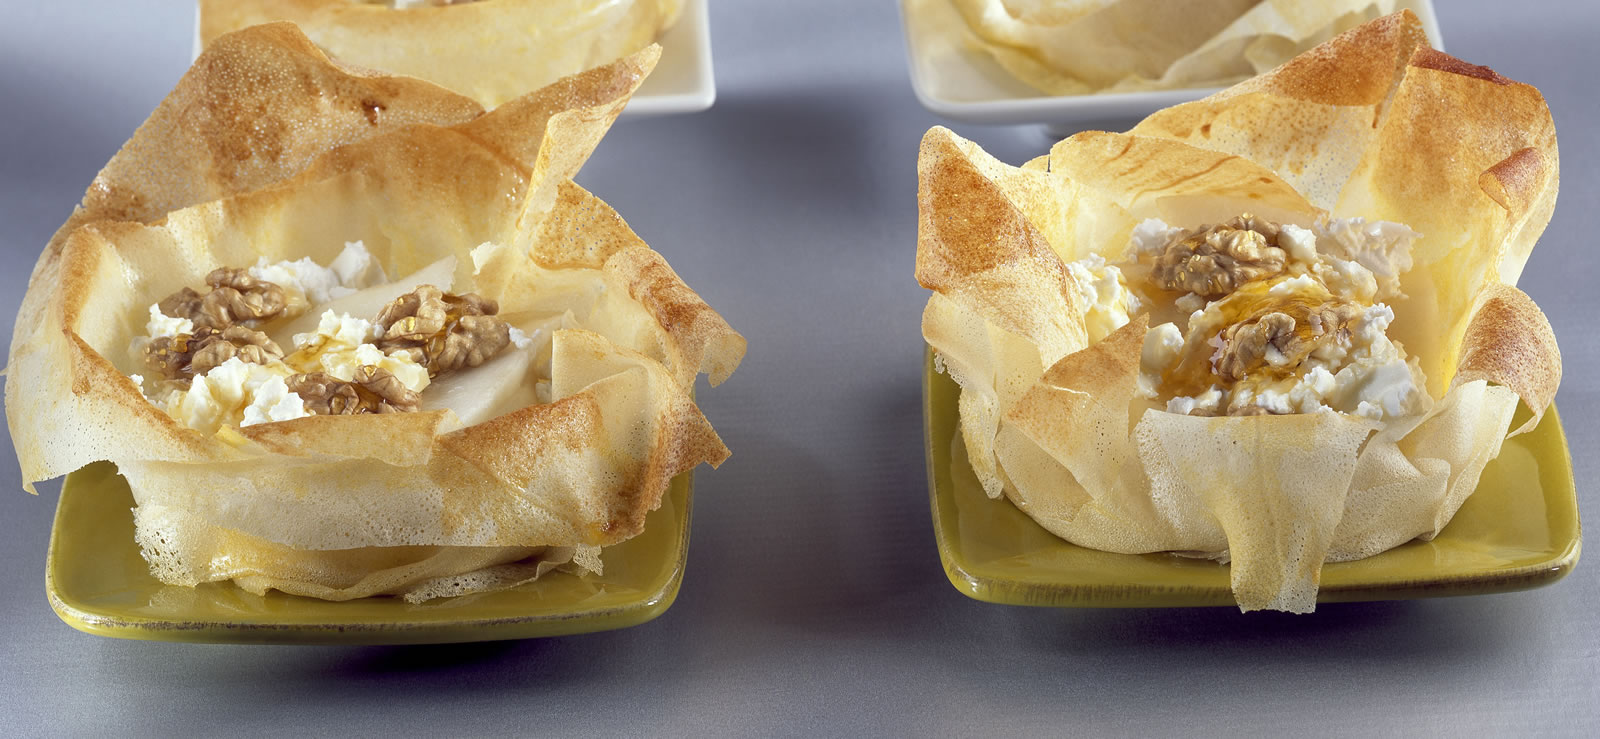 Cestini autunnali sorpresa ricetta con pere e foramggio